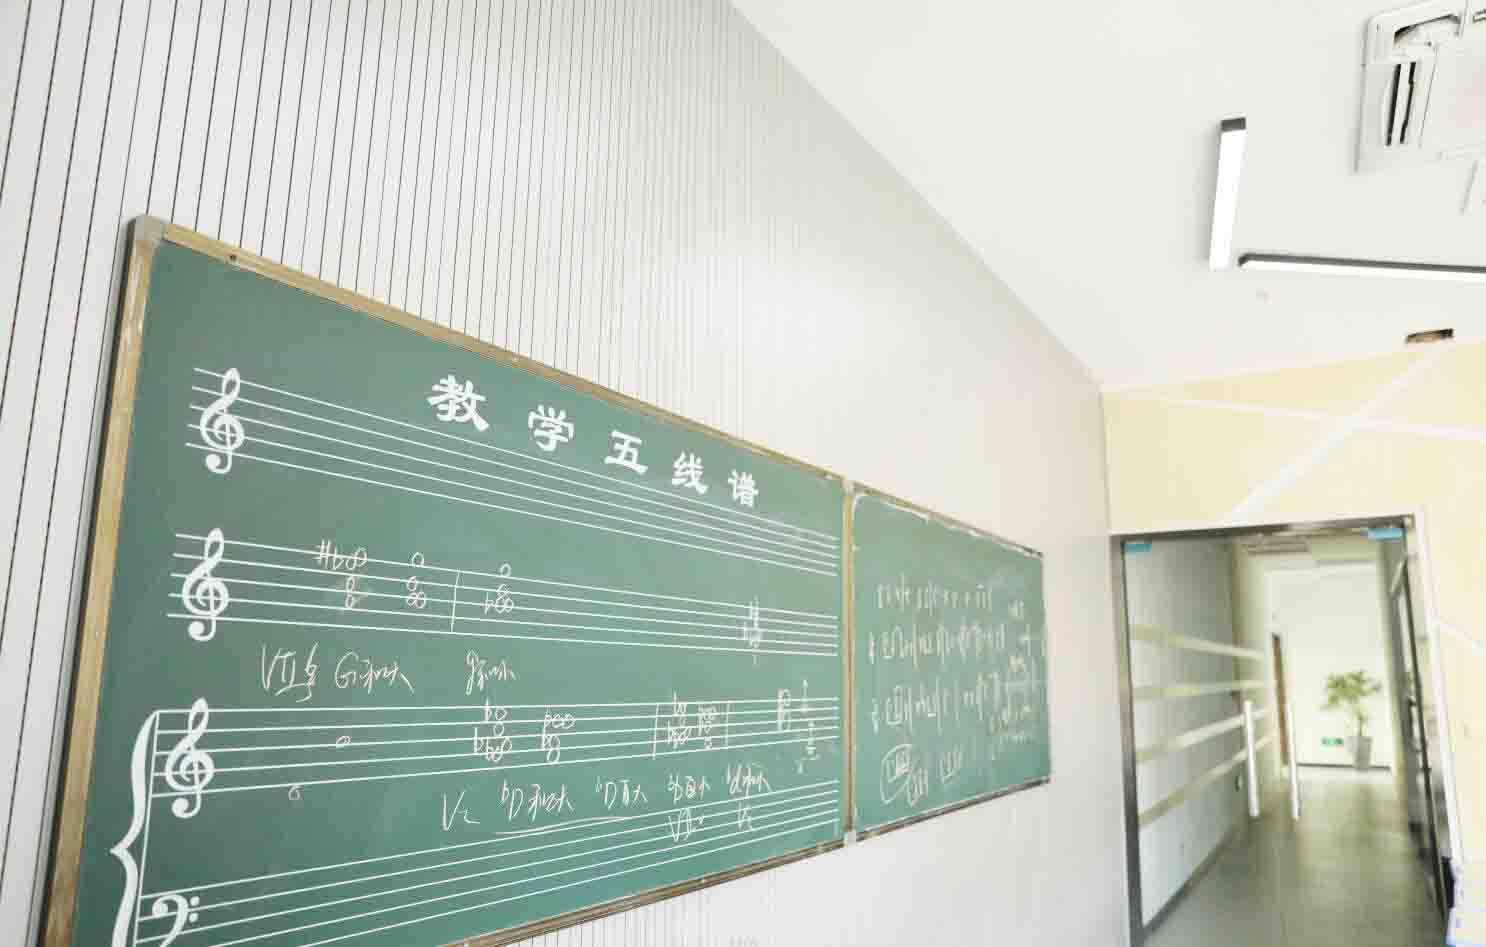 音乐高考培训:浙江省统考音乐类专业综合分计算公式及说明